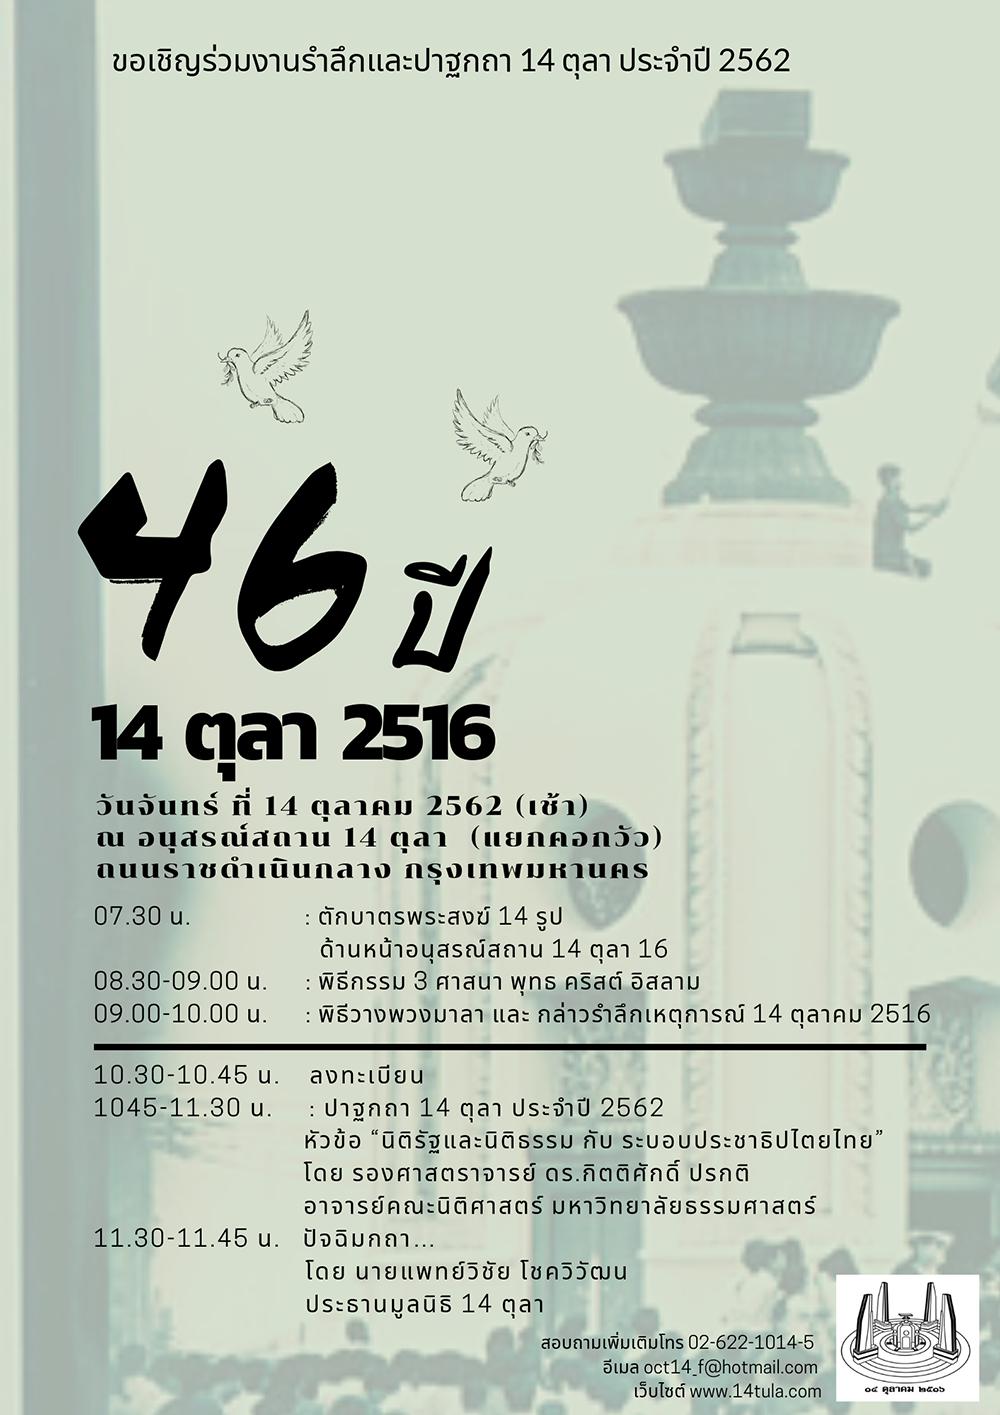 เชิญร่วมงานรำลึกและปาฐกถา 14 ตุลา ประจำปี 2562